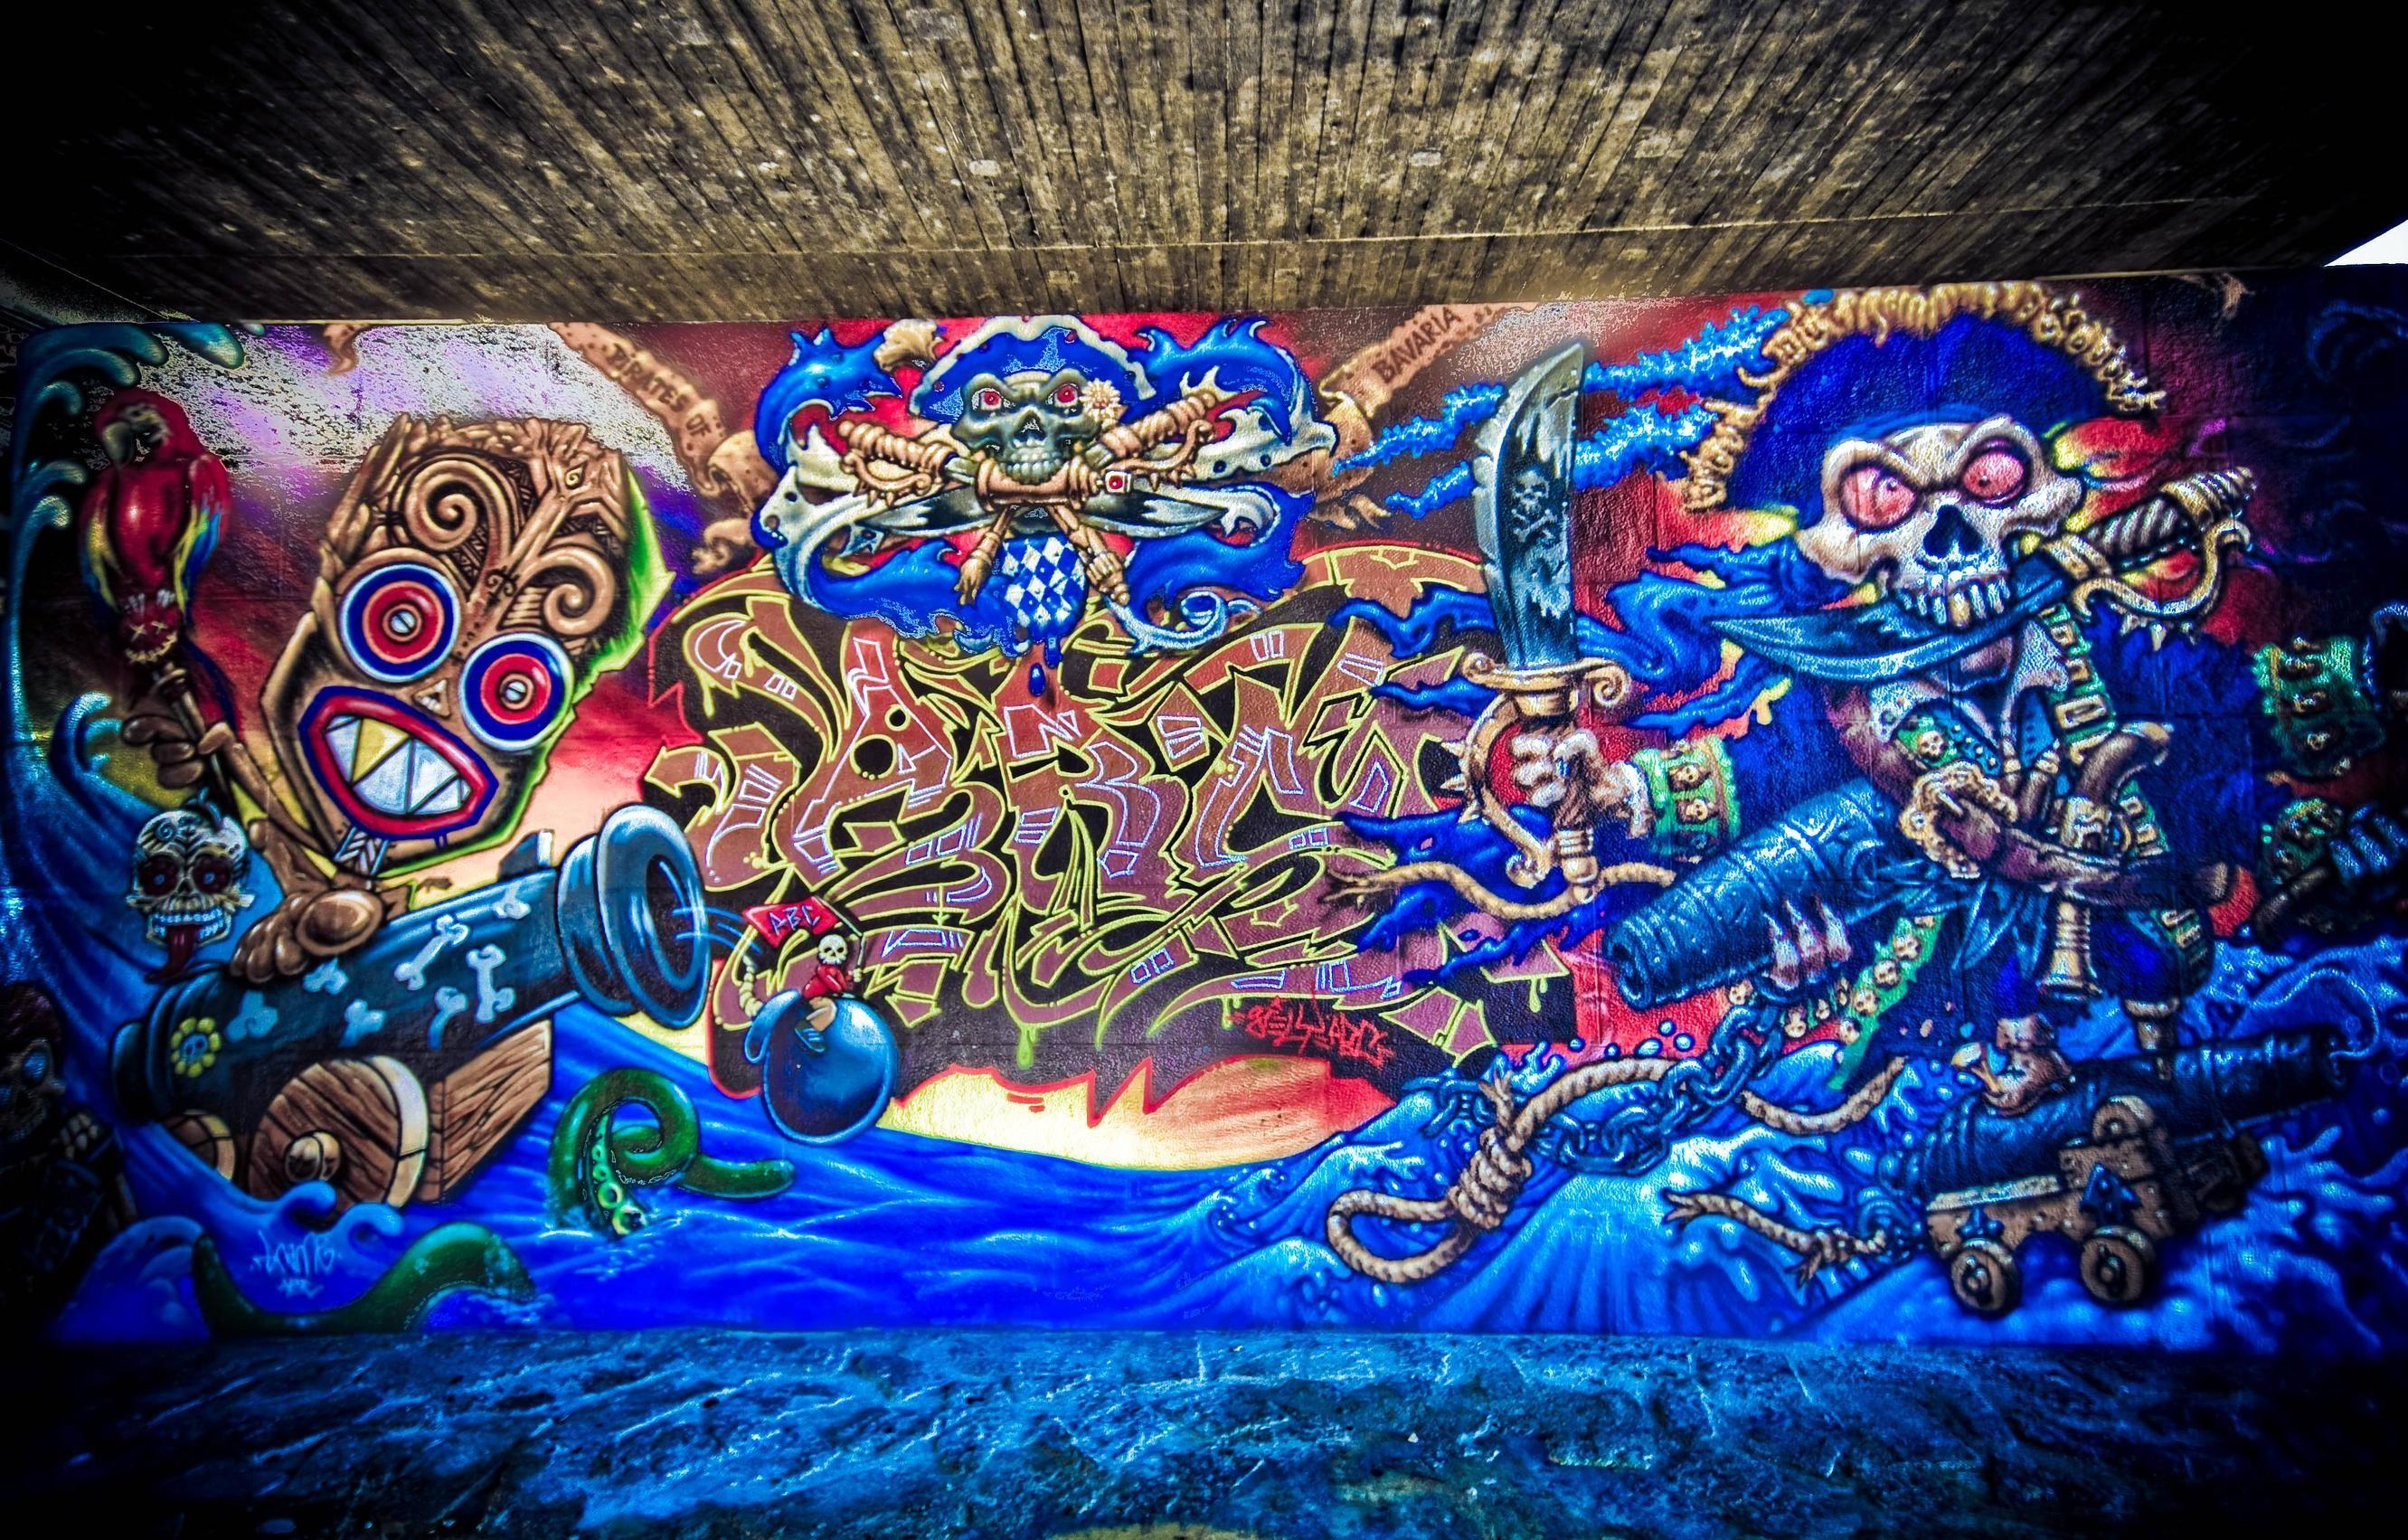 Graffiti Wallpaper Artistic HD Background Amazing